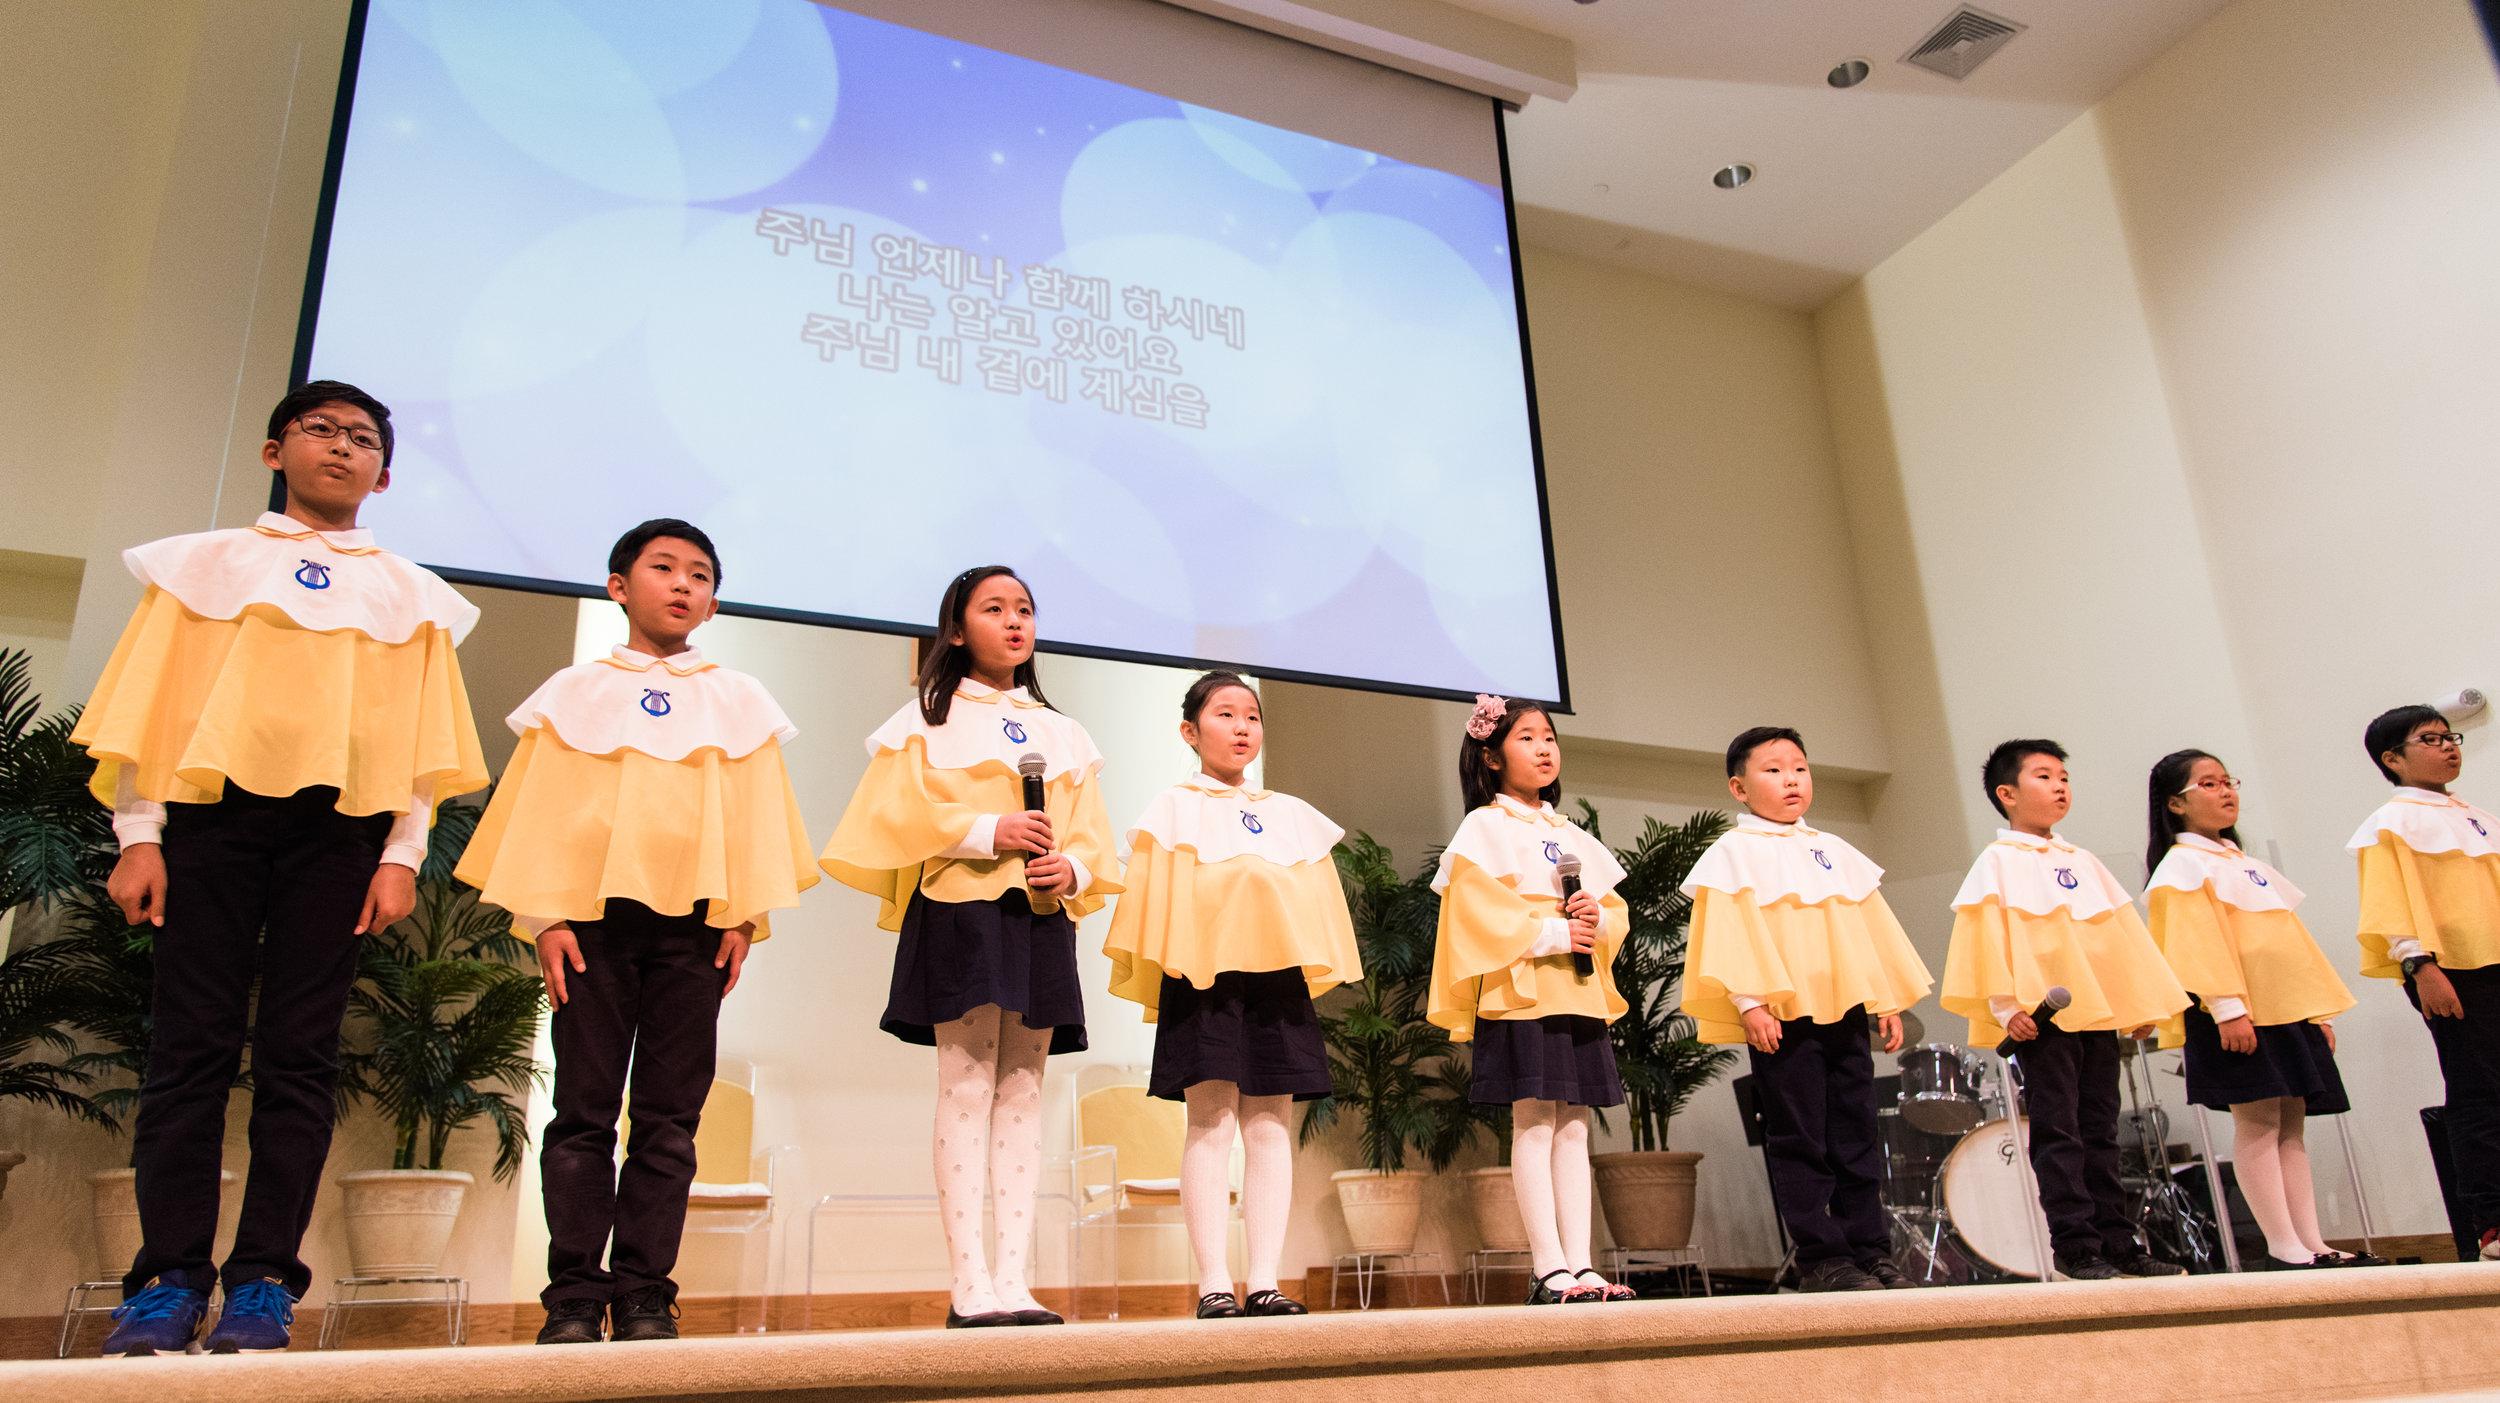 Glory Choir - 글로리 찬양단은 7-11세로 구성된 어린이 합창단입니다. 교회 내외 행사에 참석하여 찬양을 올려드리고 있습니다.문의: 이송이 집사bonielee252@gmail.com